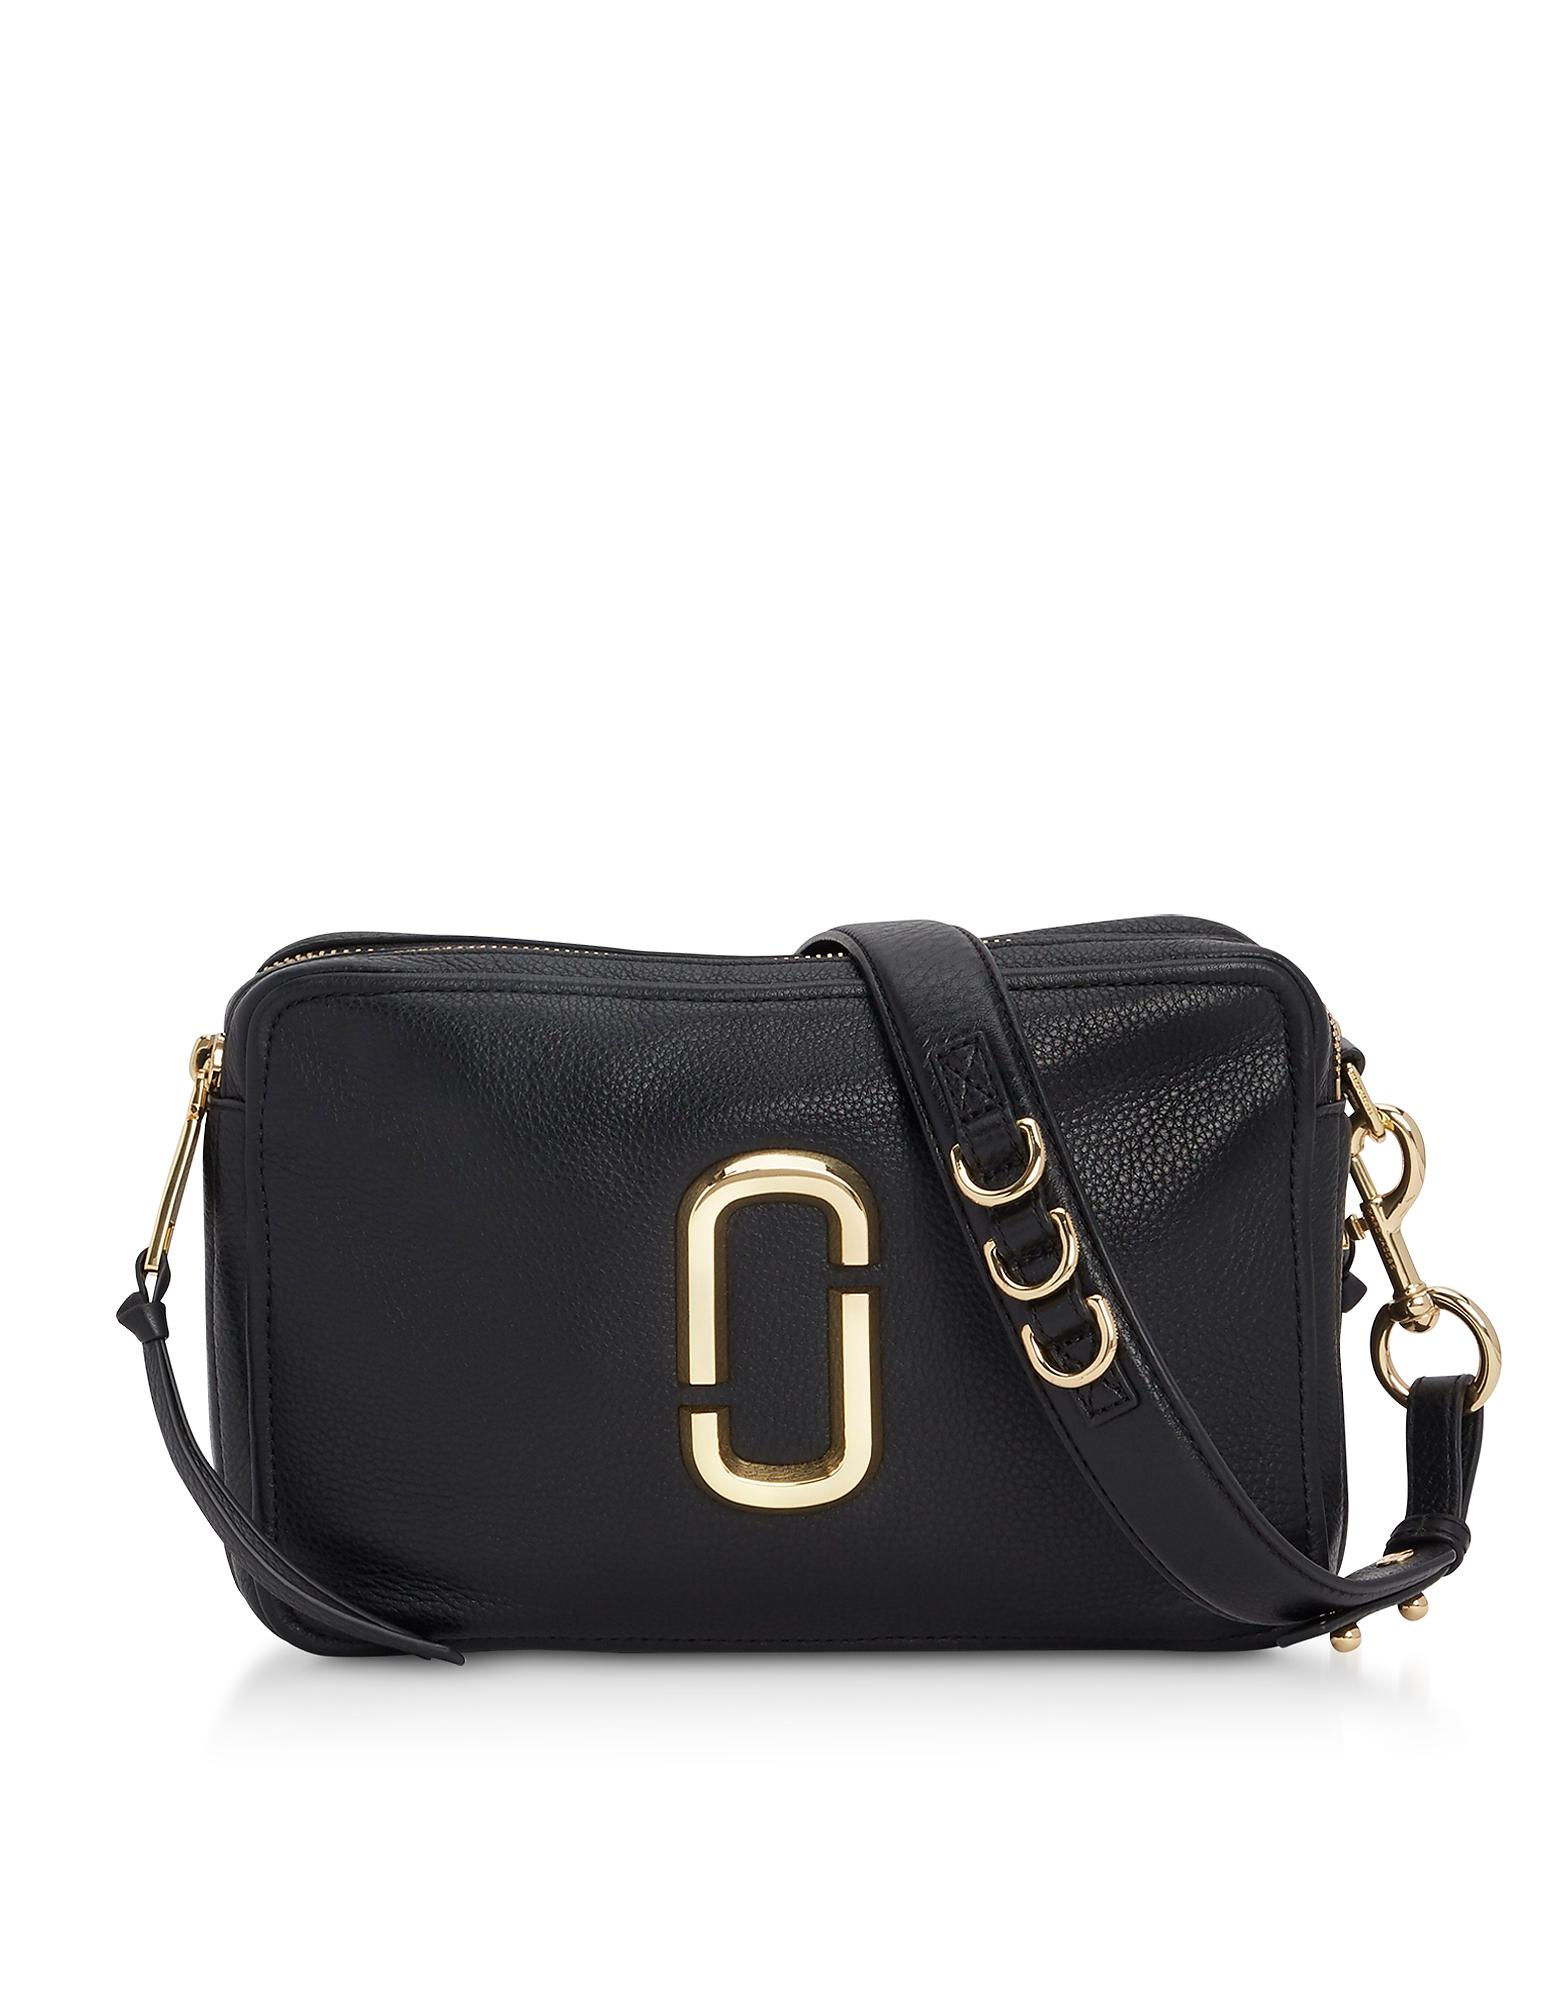 The Softshot 27 Shoulder Bag